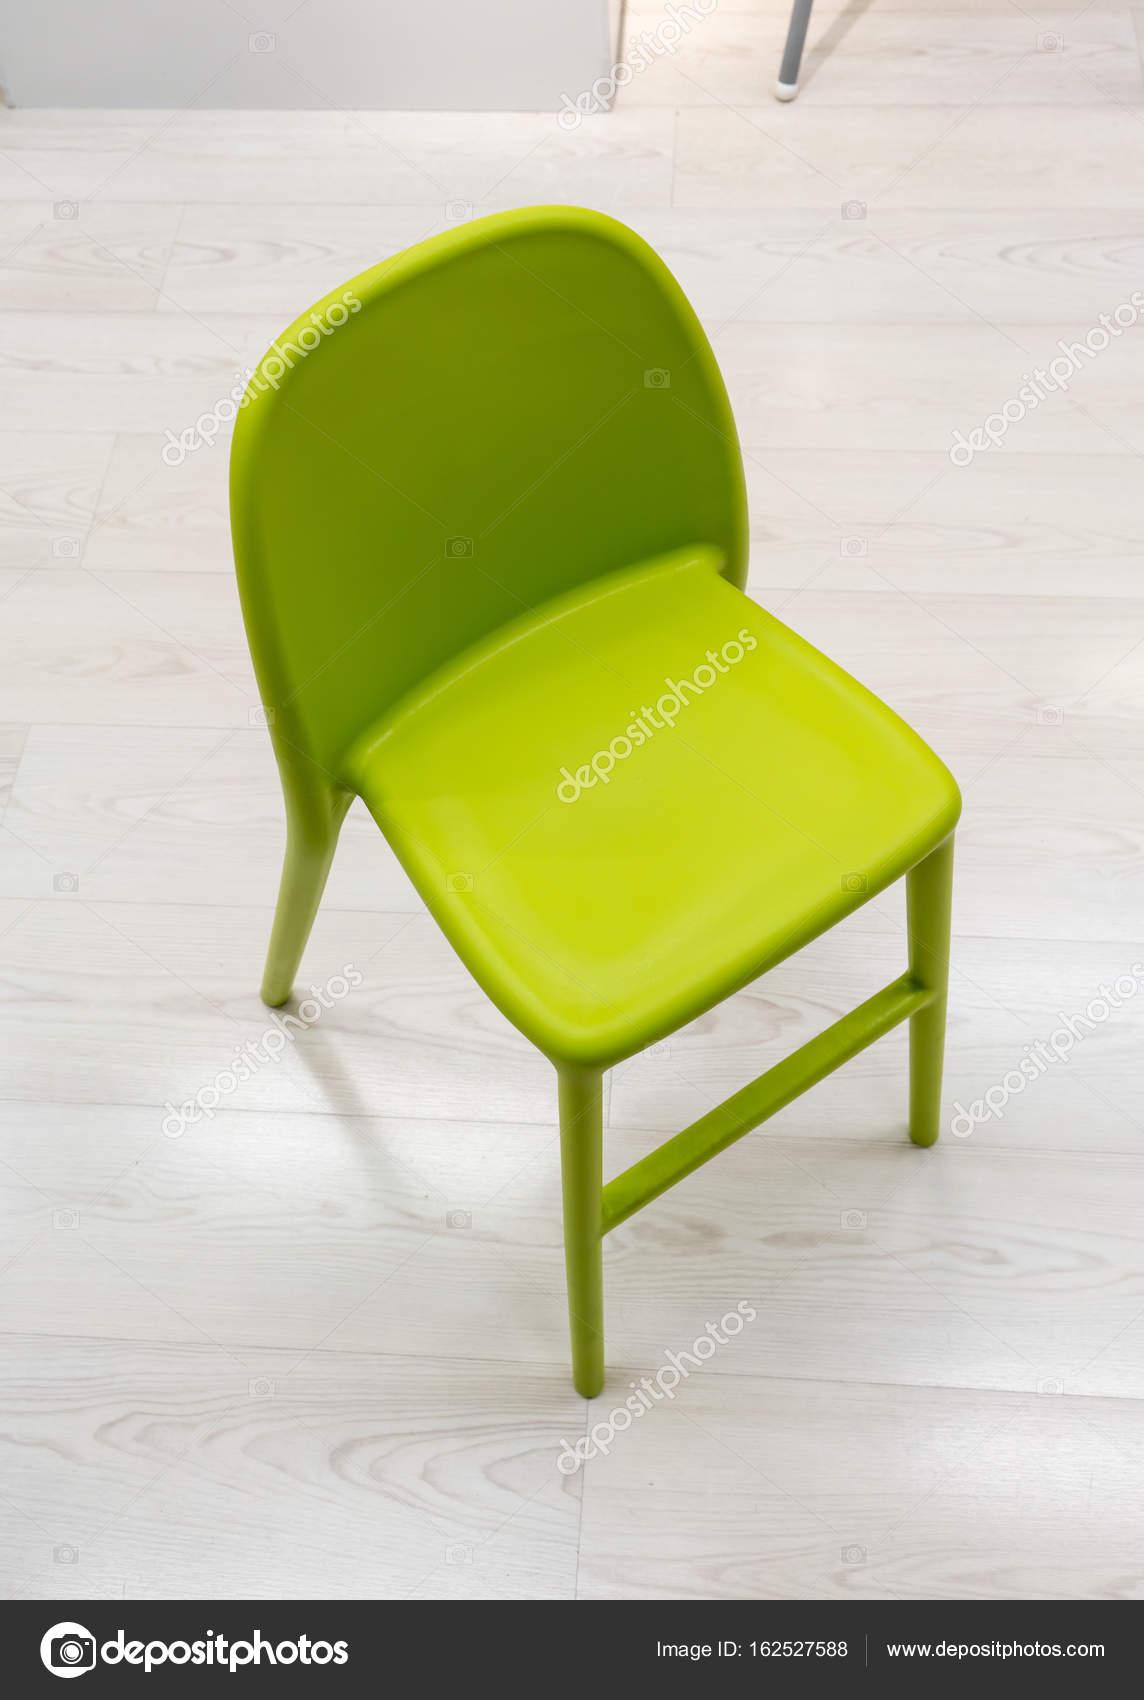 chaise design moderne en plastique vert sur plancher en bois image de v74 - Chaise Design Plastique